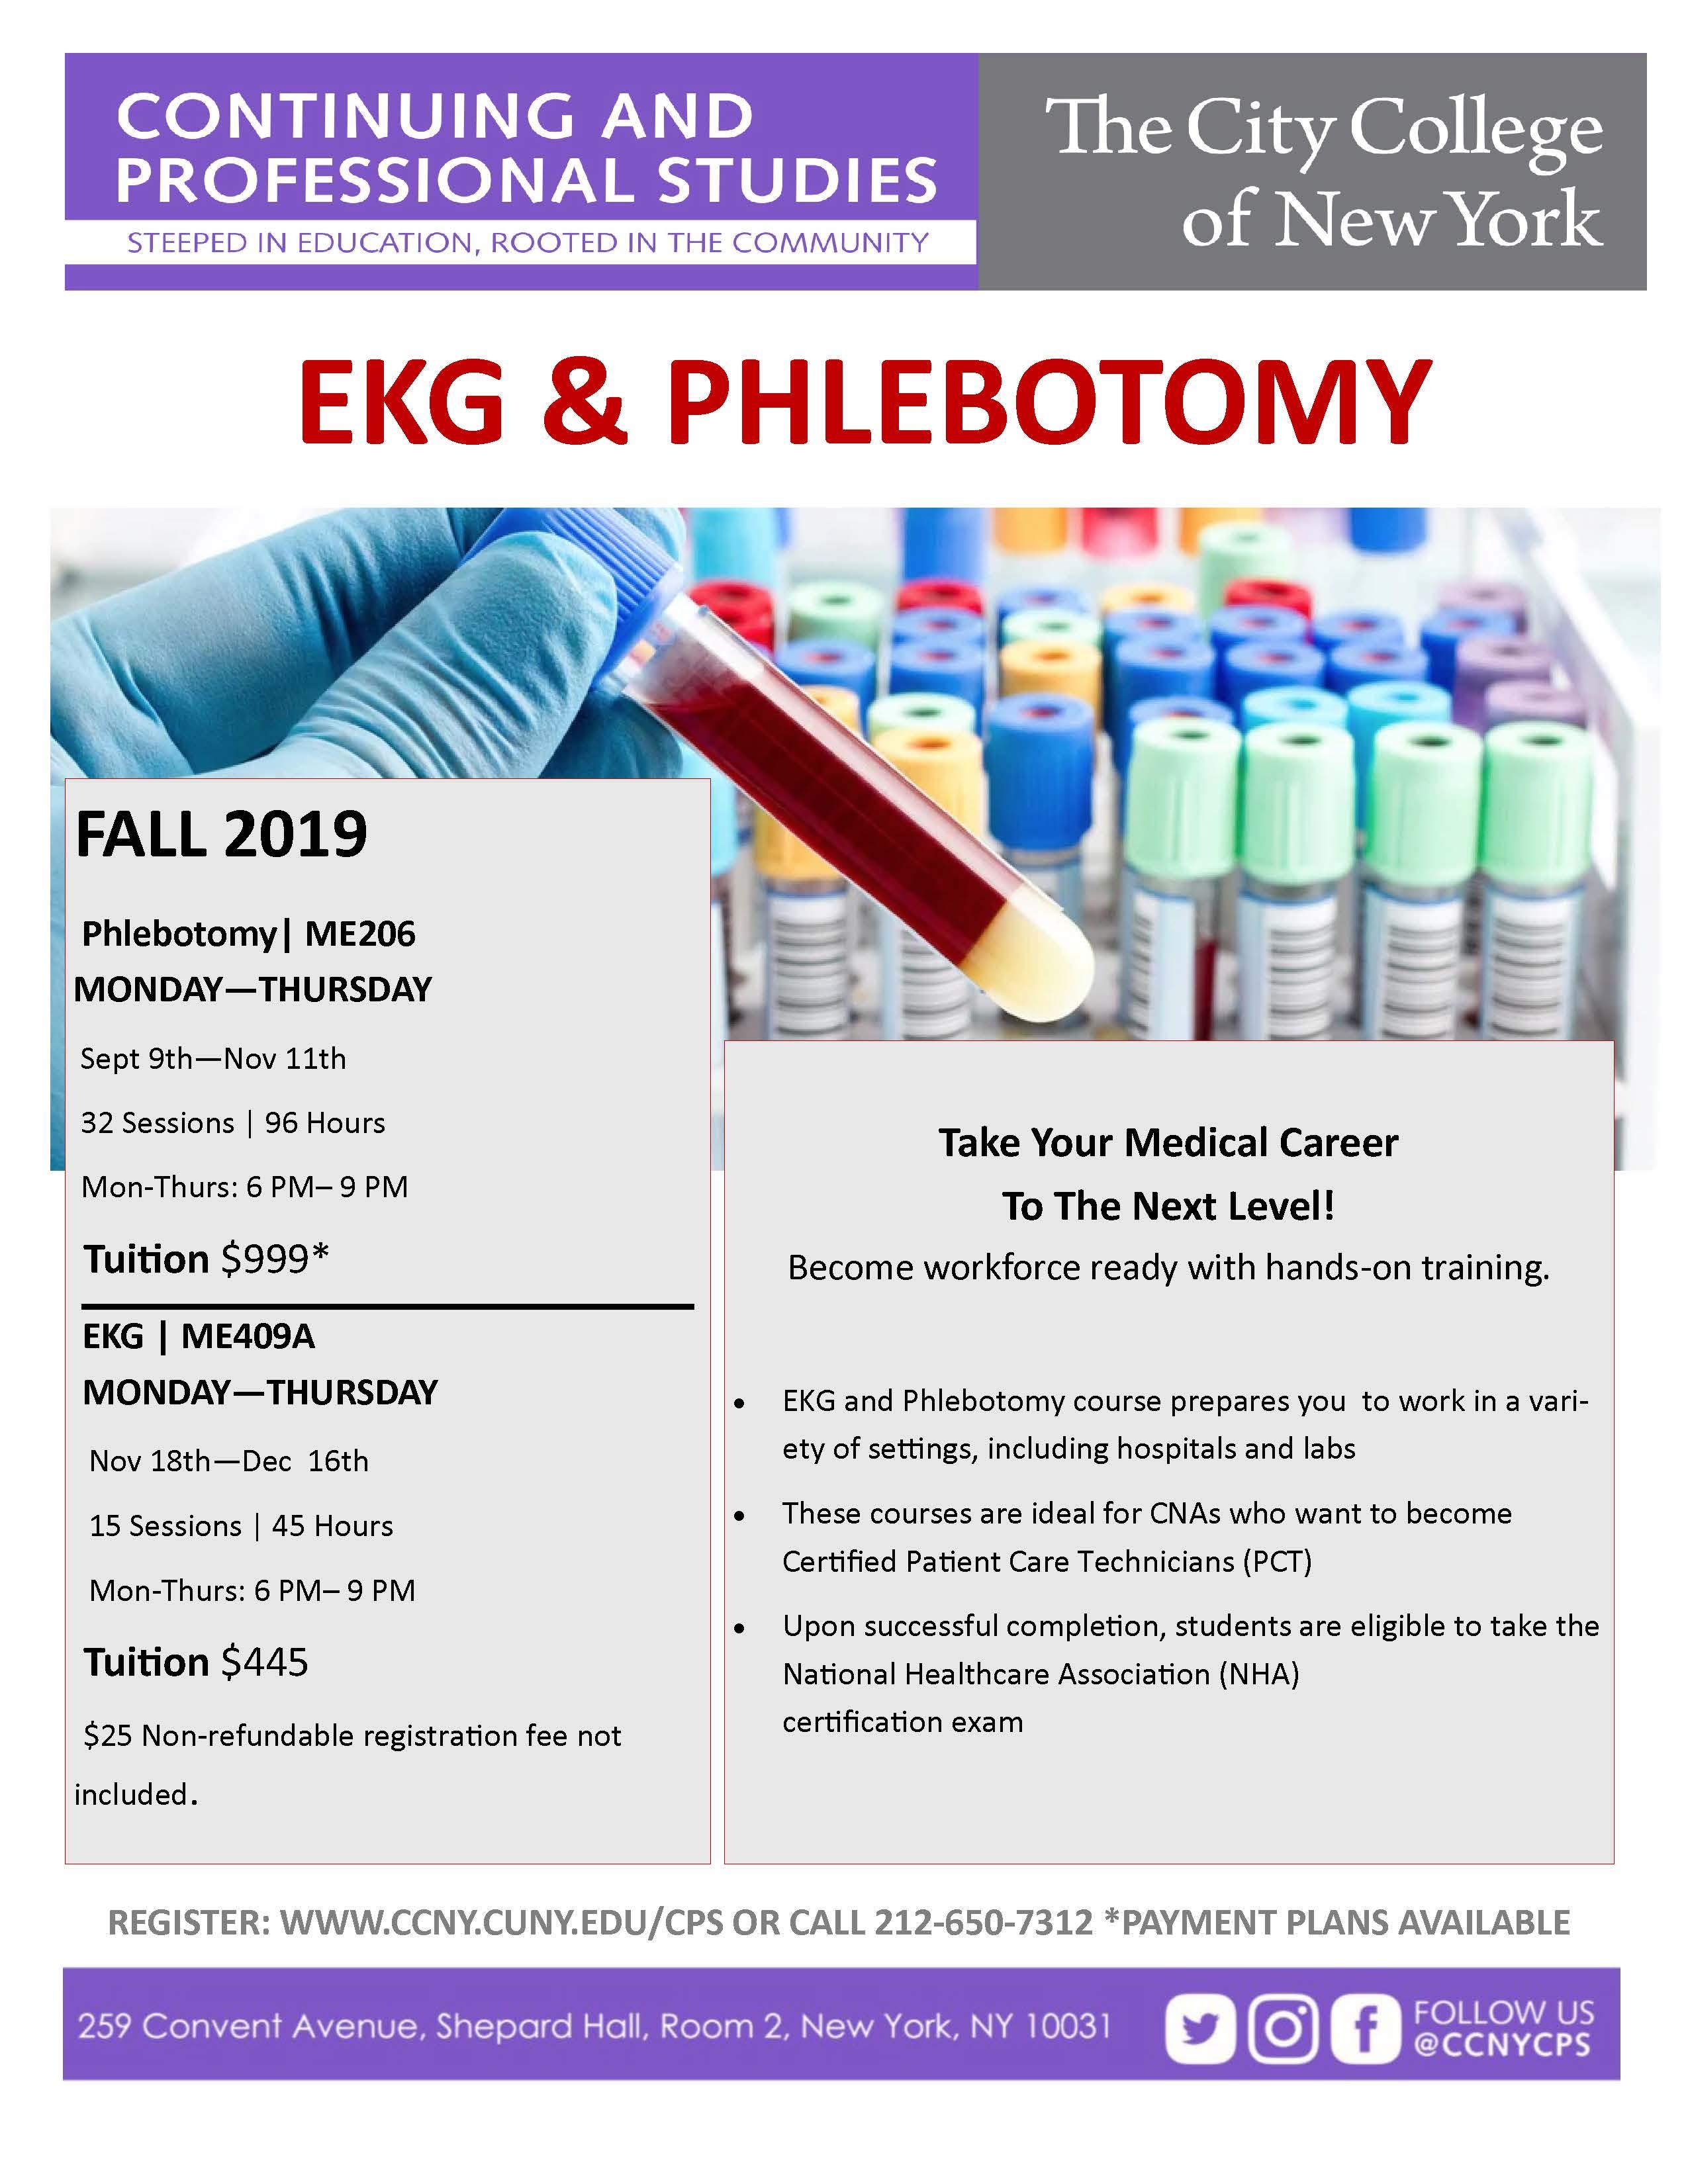 EKG & Phlebotomy